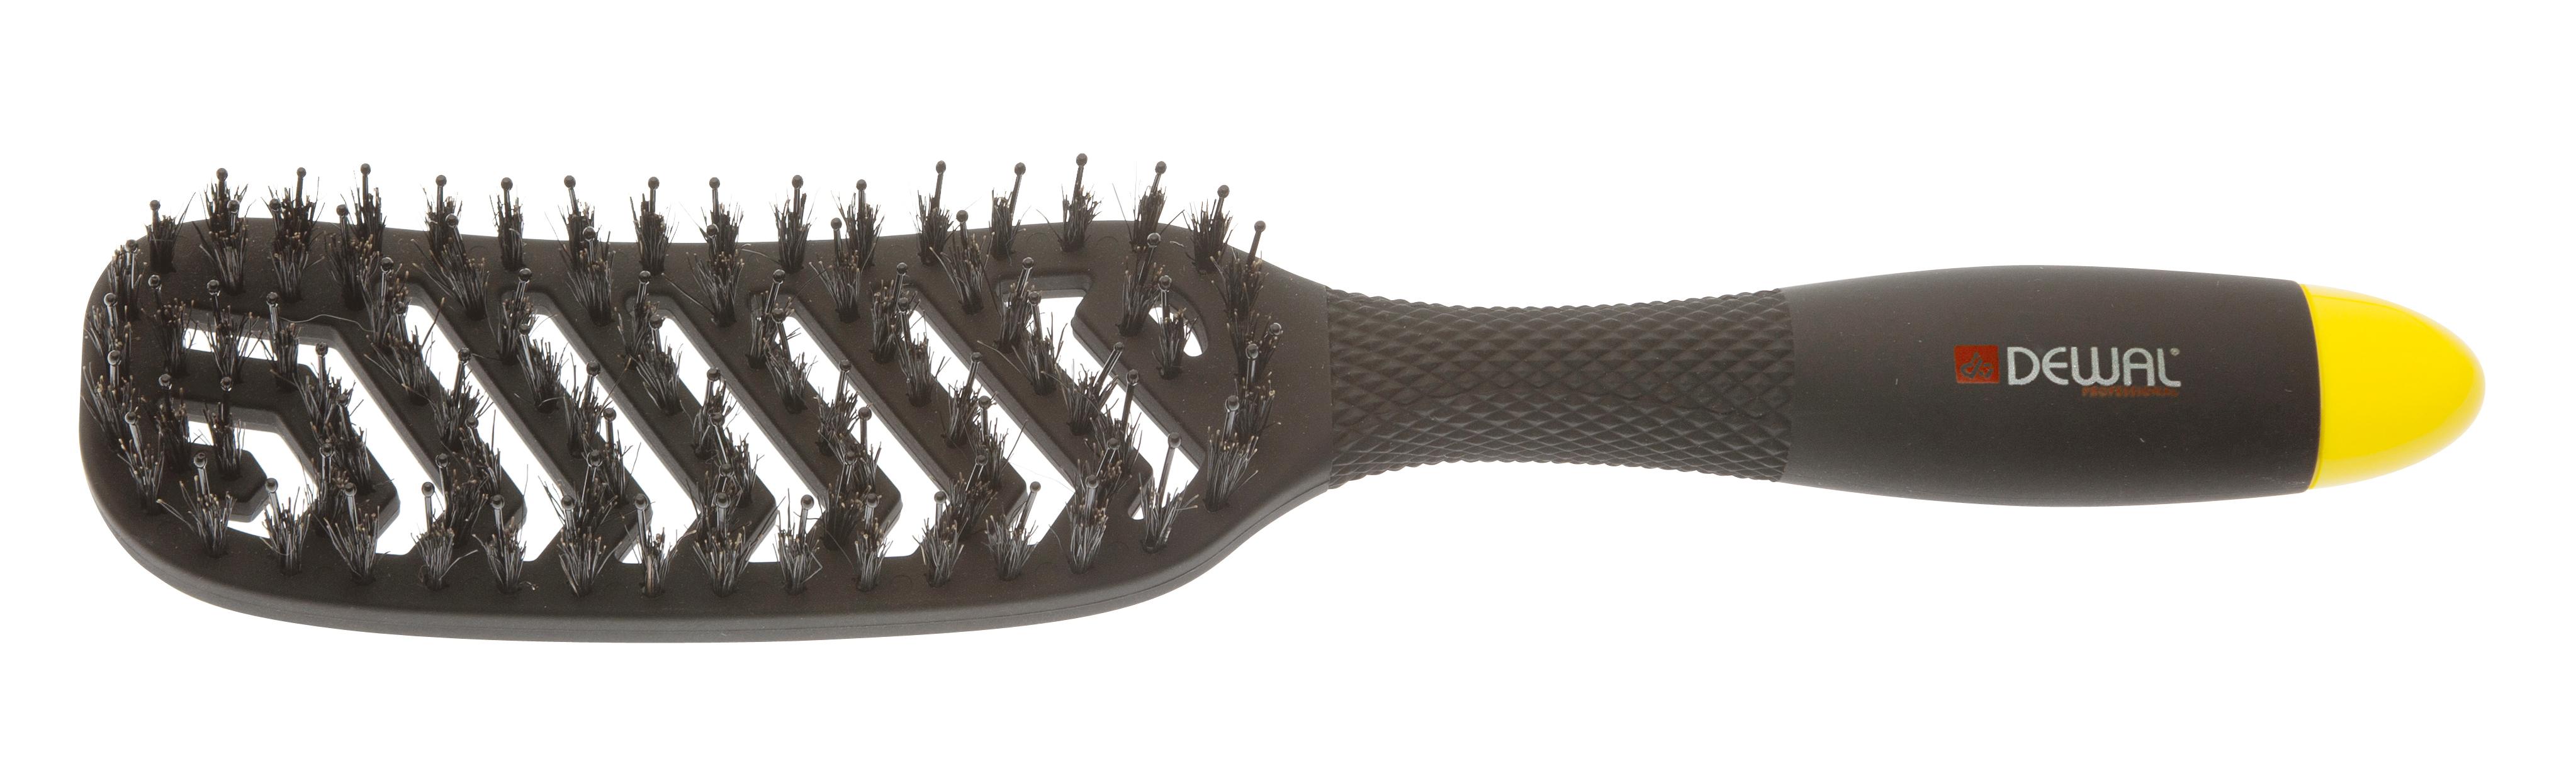 Dewal professional щетка массажная banana black прямоугольная, продувная, пластиковый штифт, натуральная щетина, 8 рядов